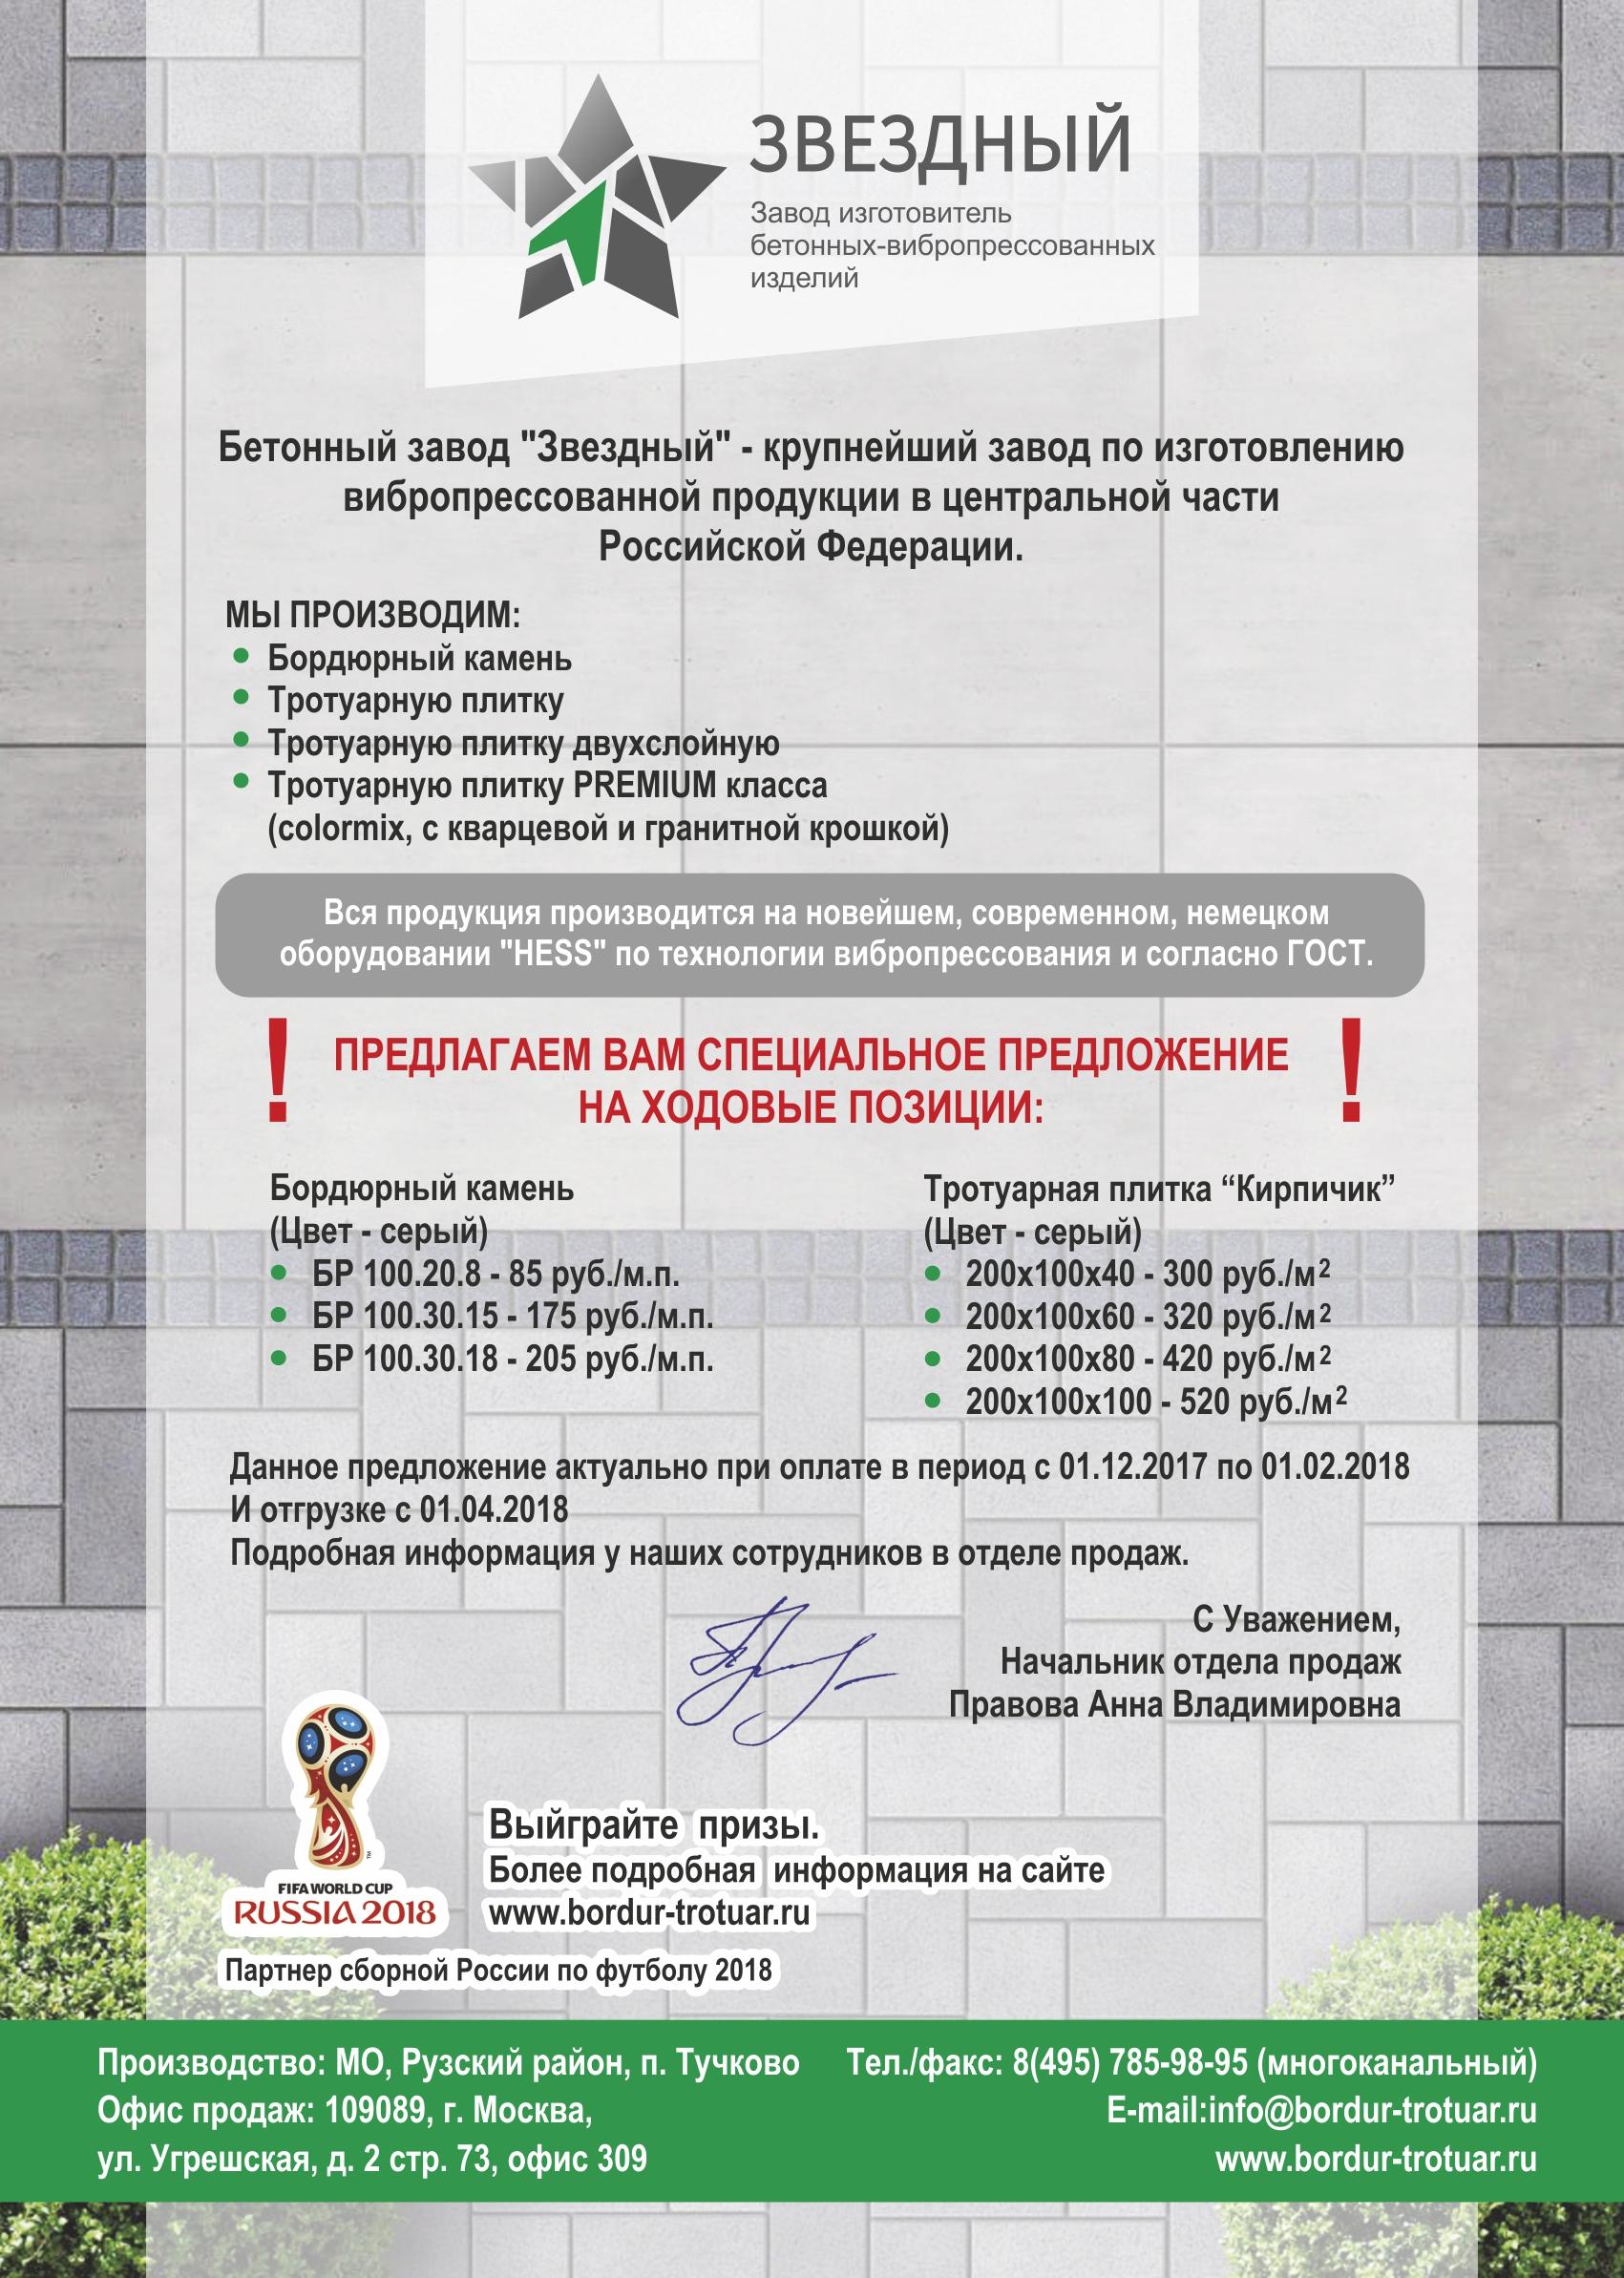 A4_Zvezda-04.jpg